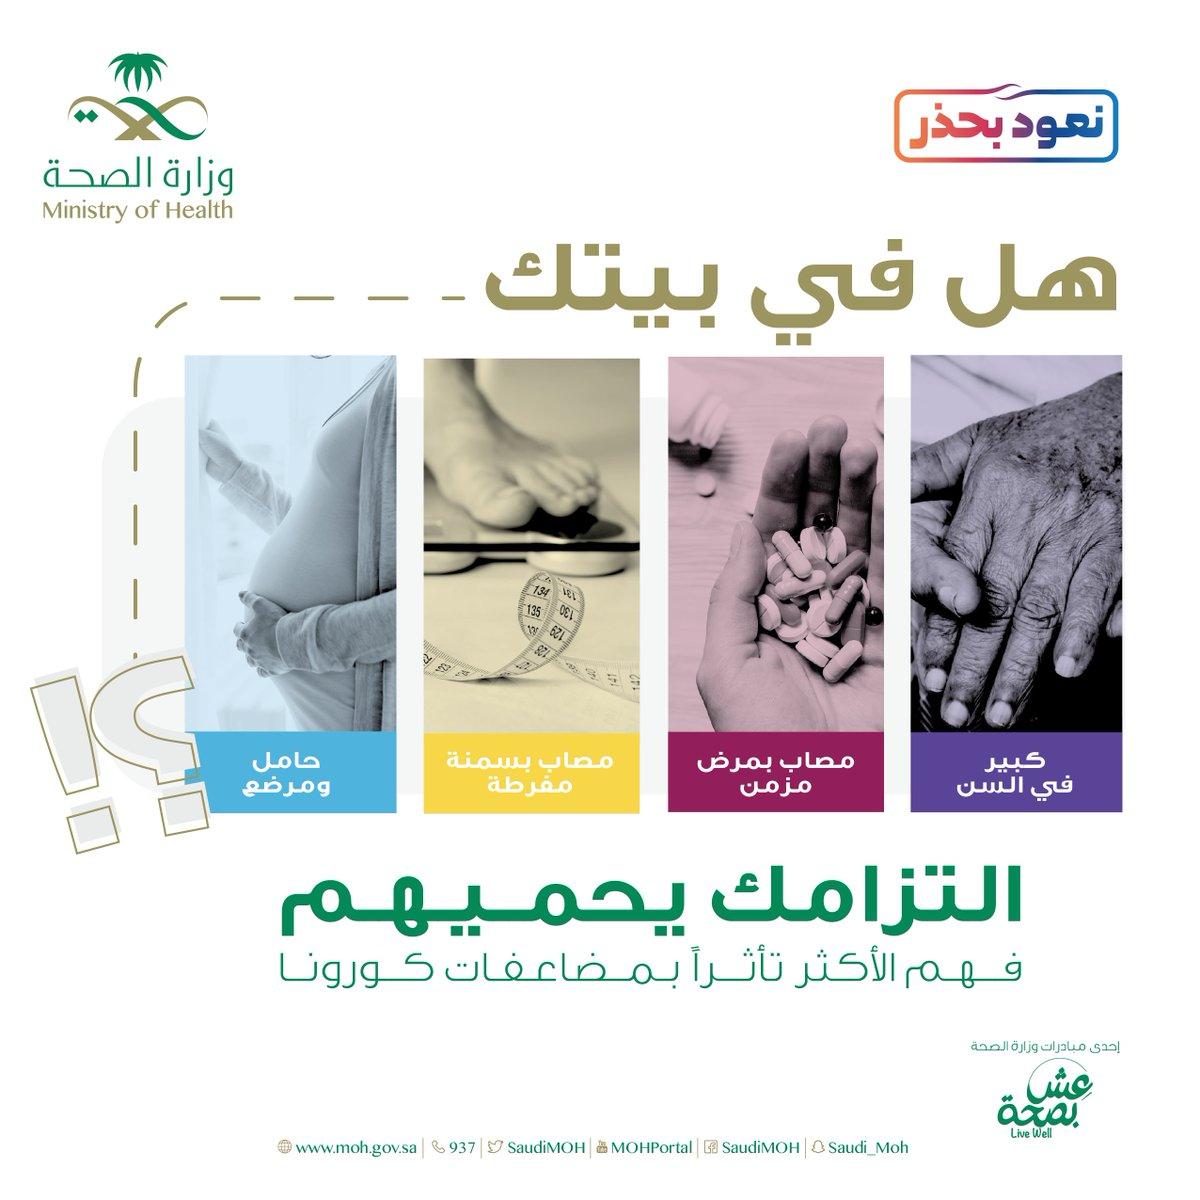 تويتر وزارة الصحة السعودية